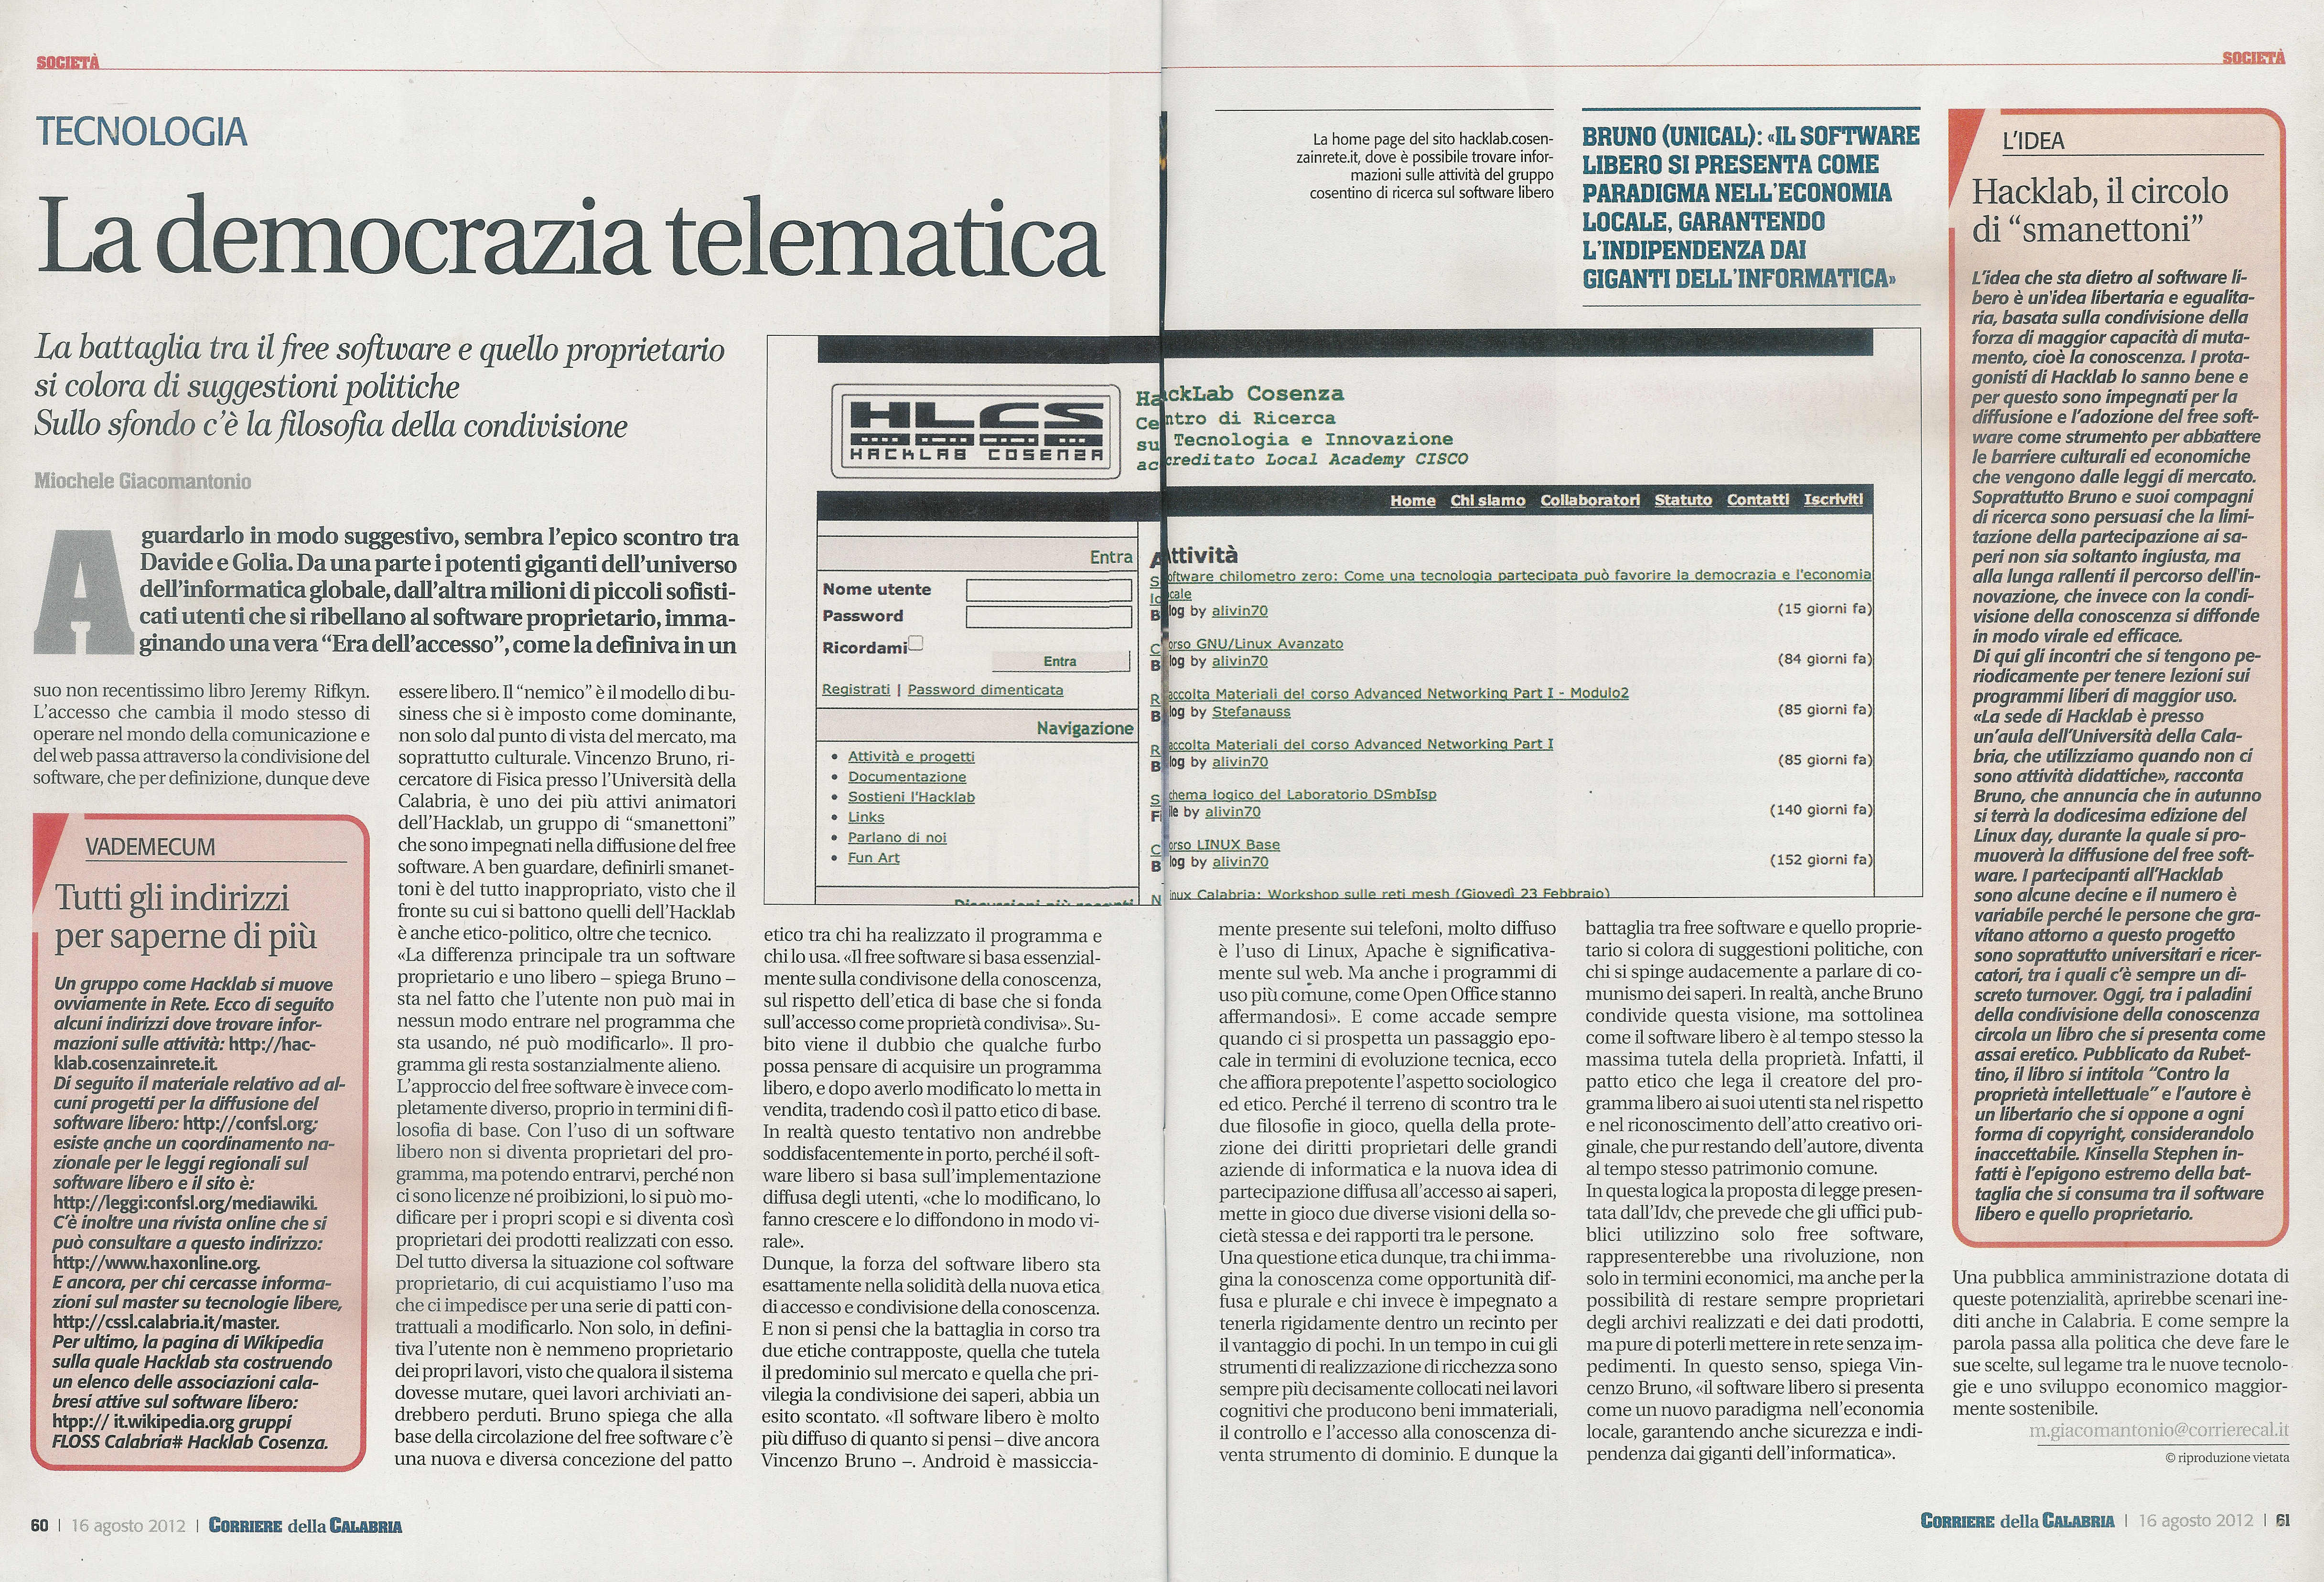 La Democrazia Telematica